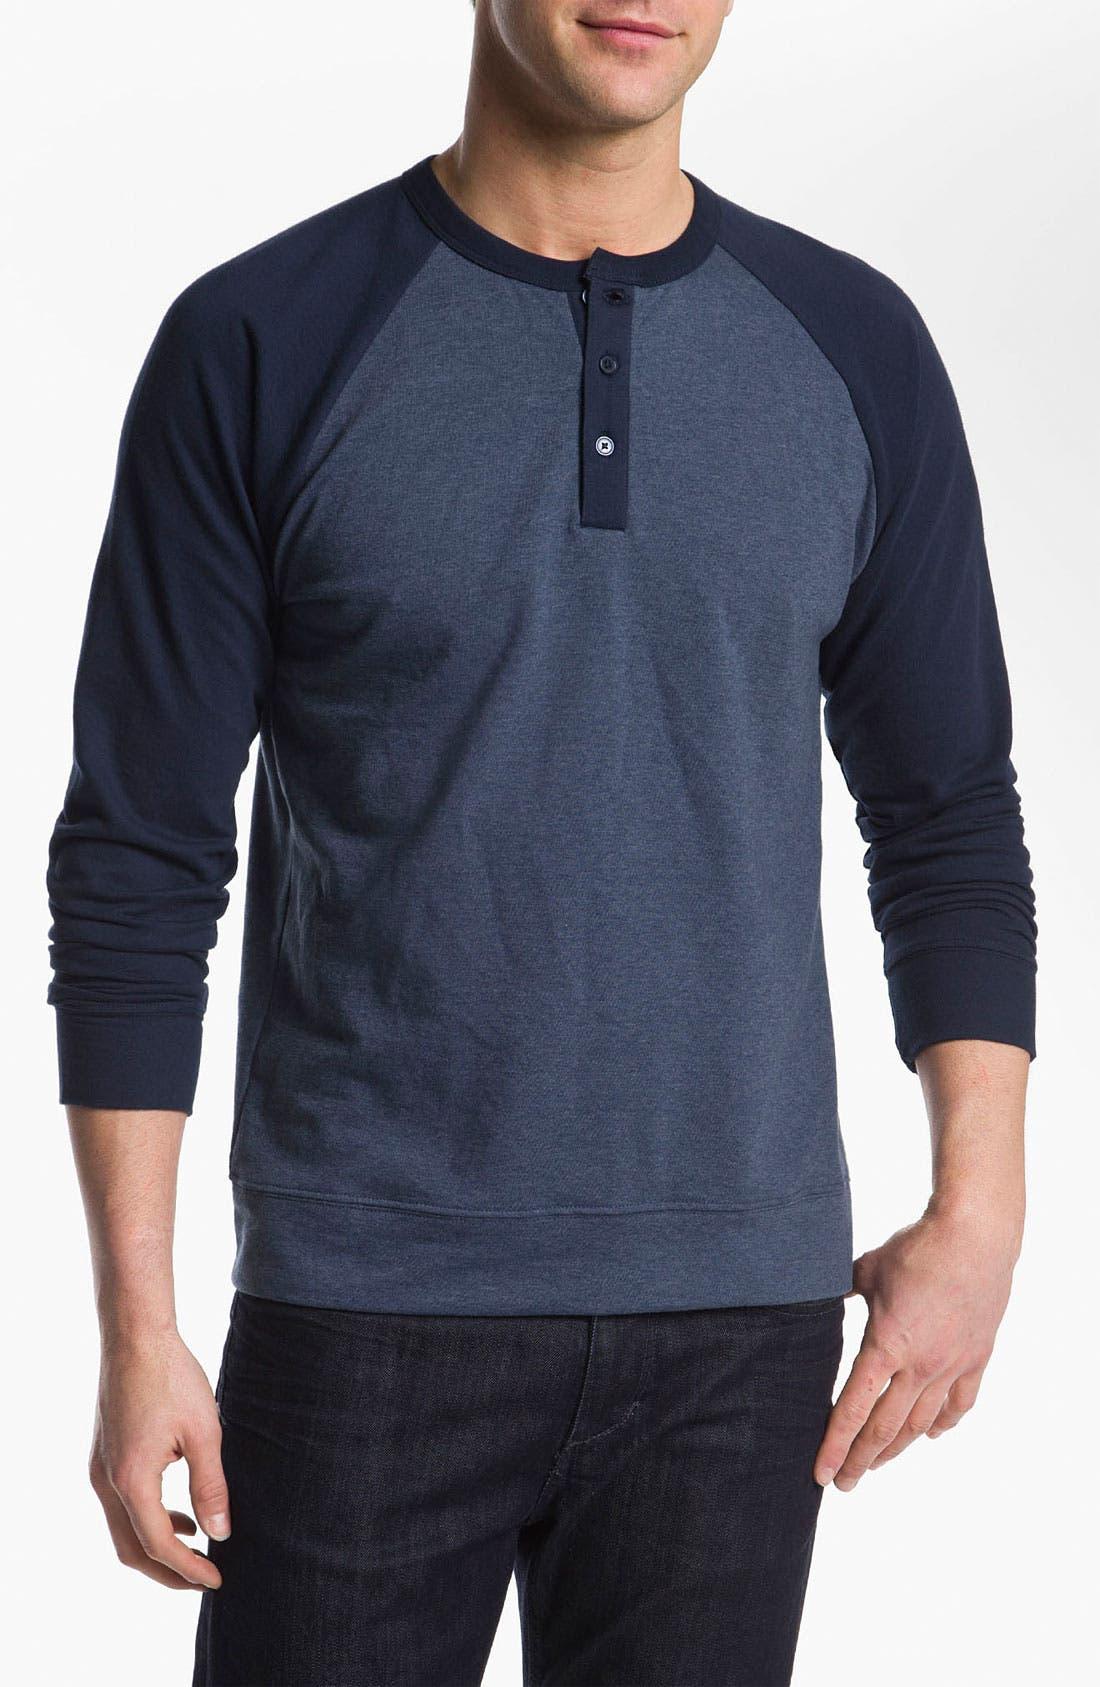 Main Image - Obey 'Schmidt' Raglan Sleeve Henley Sweatshirt